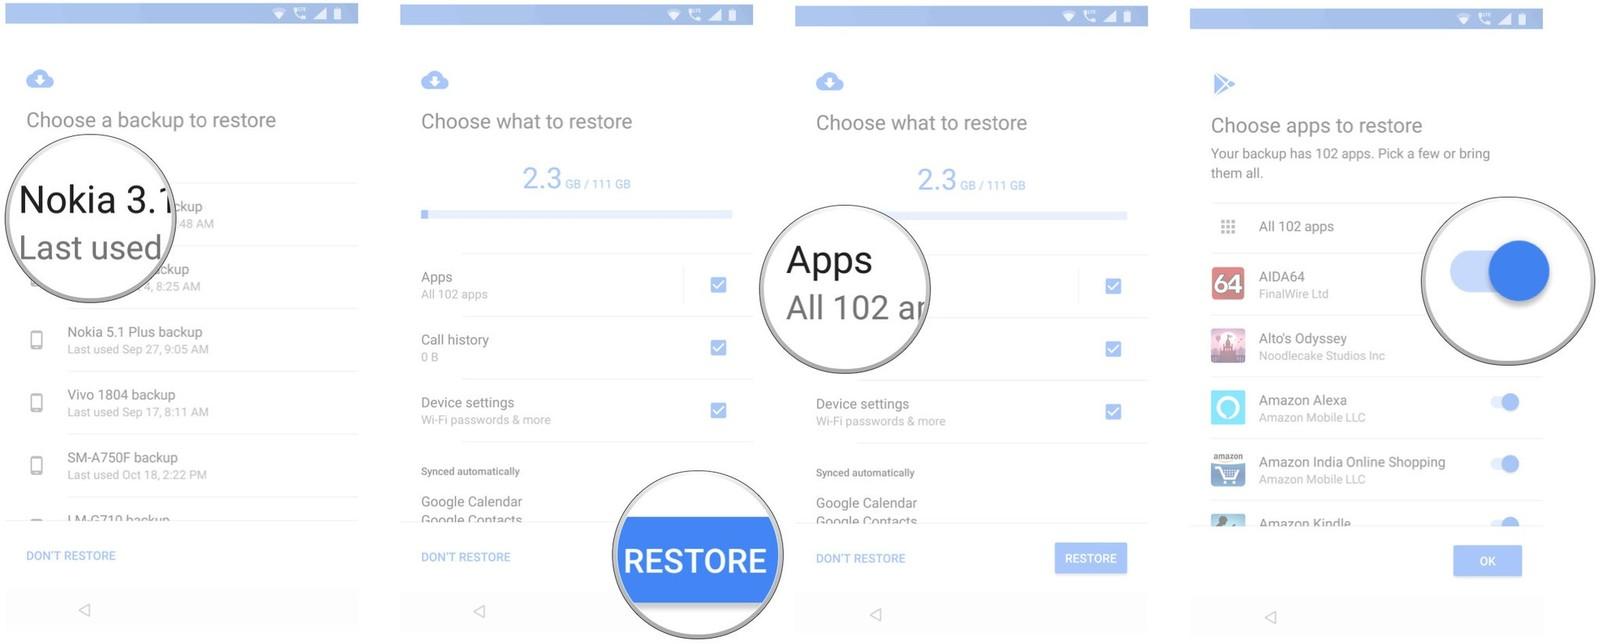 Как перенести ваши приложения и настройки на новый Android-смартфон - выбираем нужные приложения